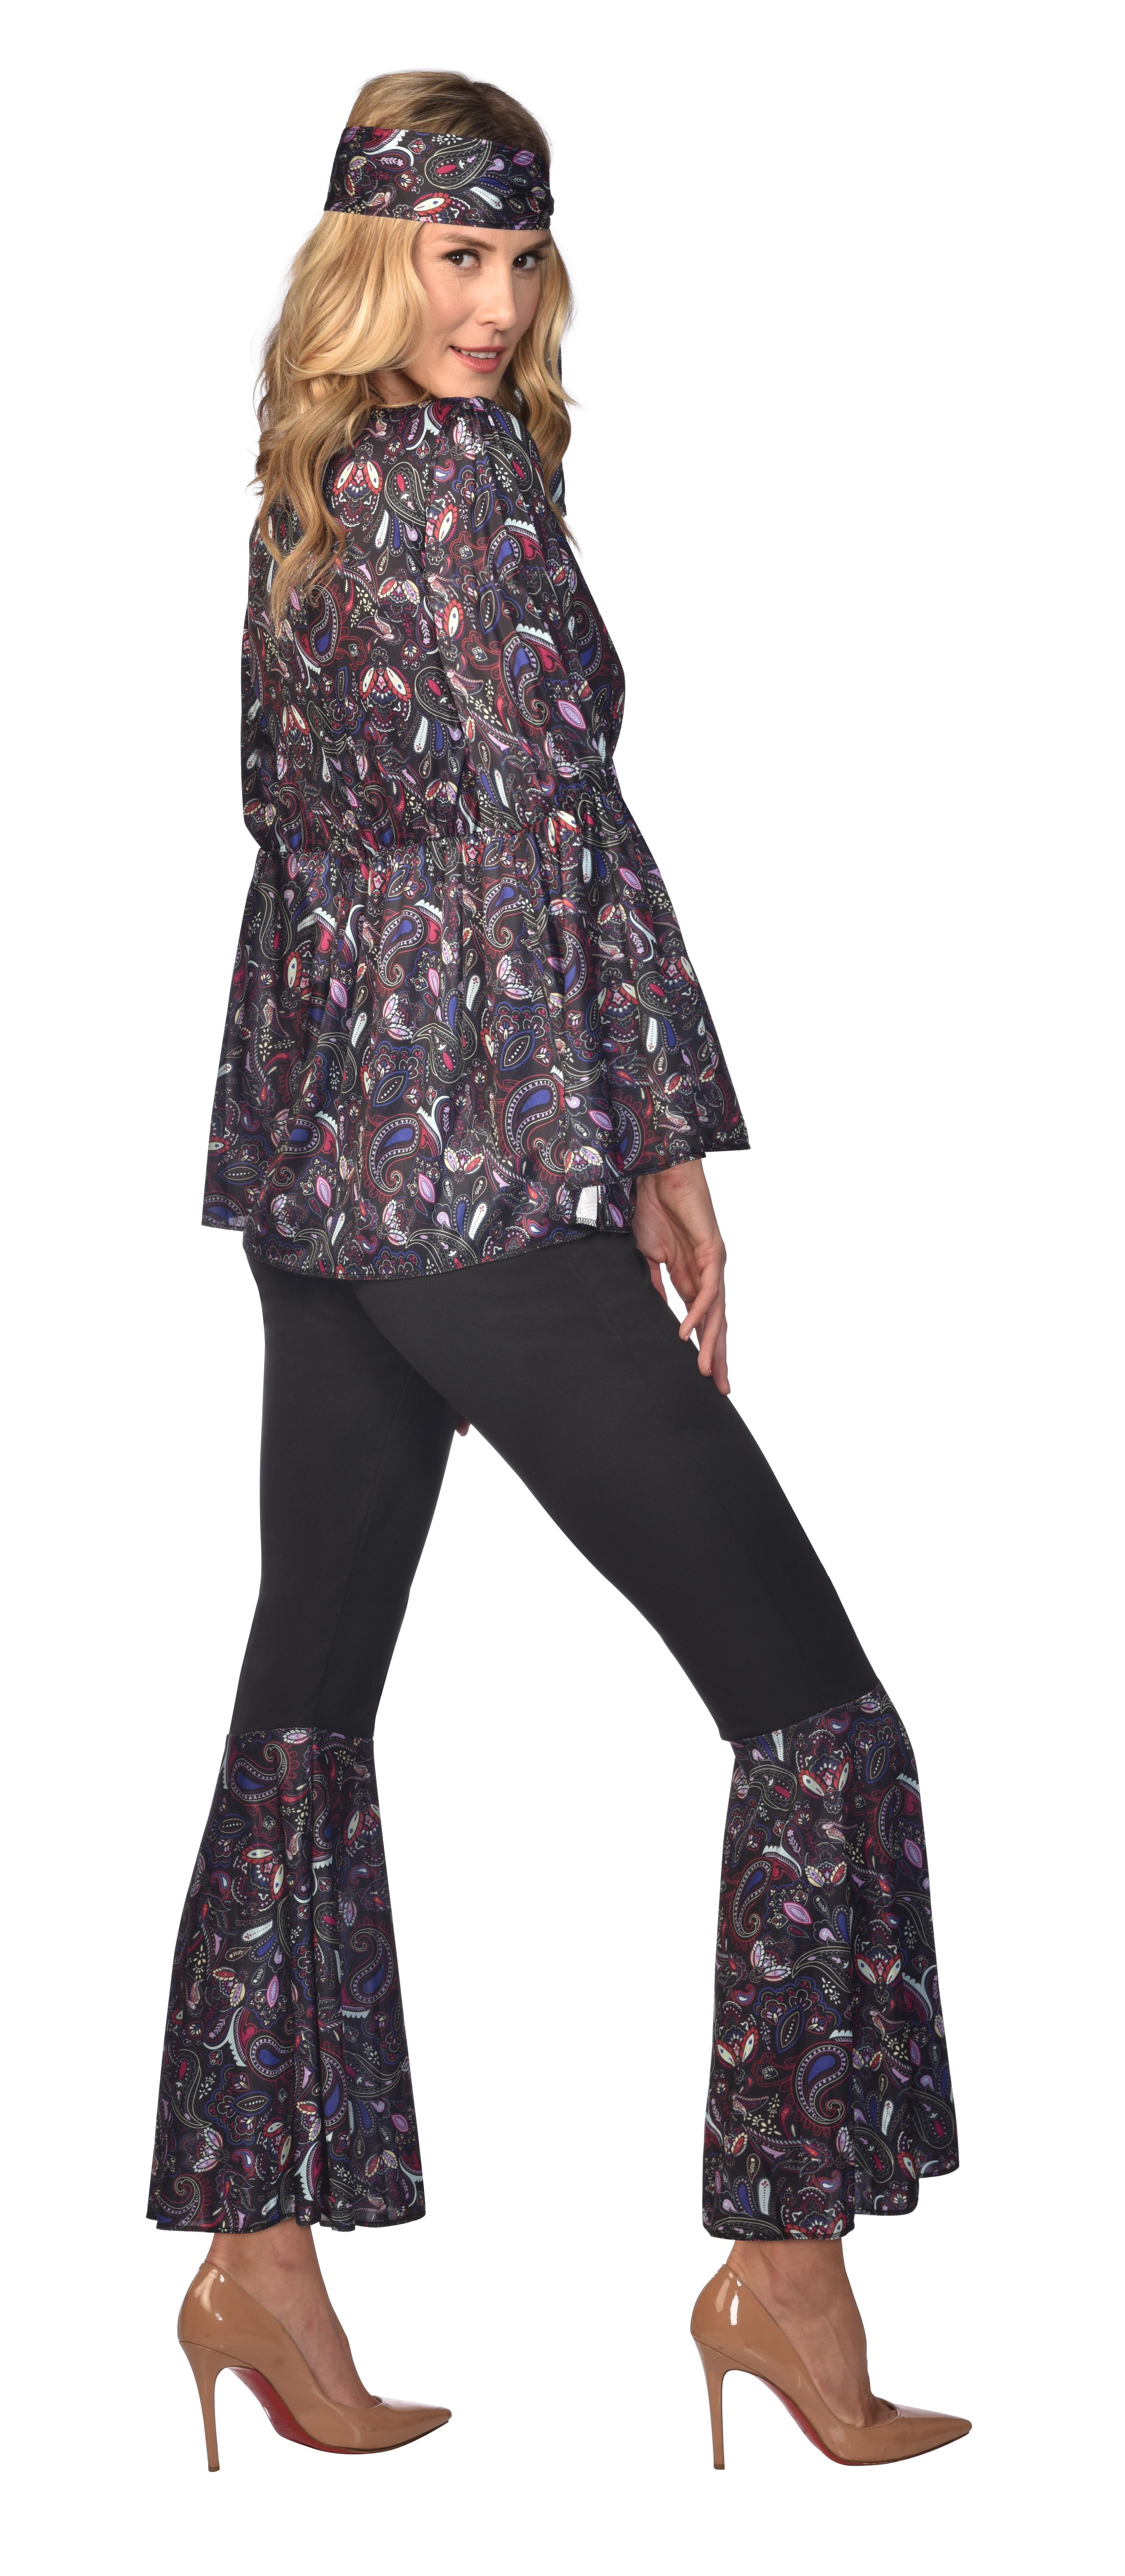 Indexbild 11 - Adult Ladies Hippie Dancing Queen Retro Groovy Hippy 60s 70s Fancy Dress Costume